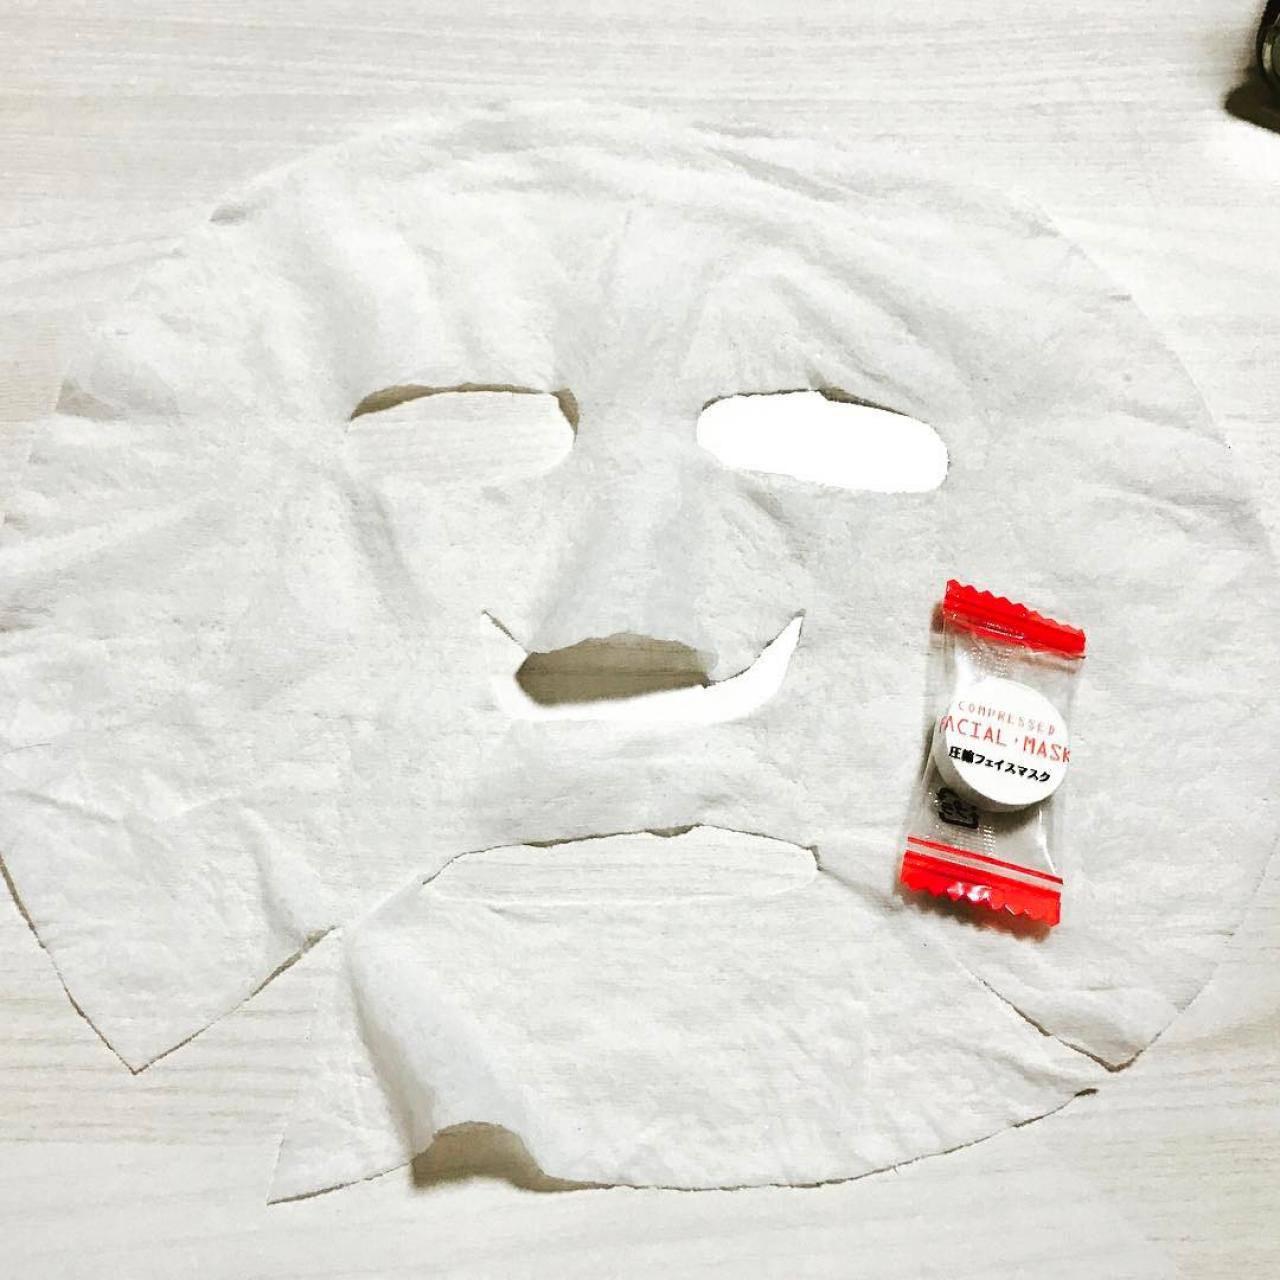 100均 100円均一ショップ 人気 おすすめ 口コミ 便利 コスパ プチプラ 安い 美容グッズ 使える ダイソー DAISO 圧縮タイプ フェイスマスク 保湿